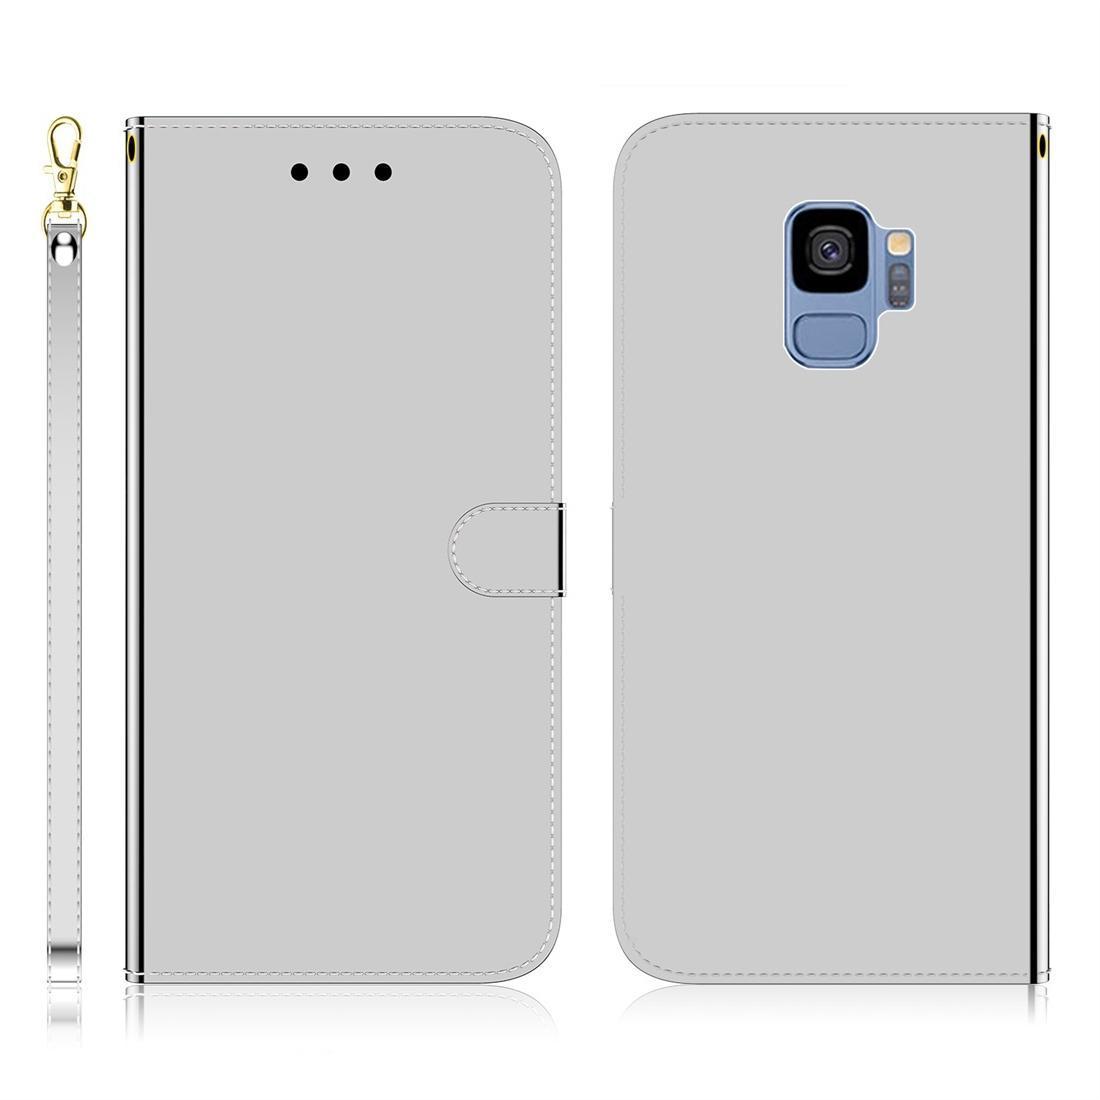 Para o Caso de couro flip Galaxy S9 imitado espelho superfície horizontal com Titular Slots Carteira Lanyard